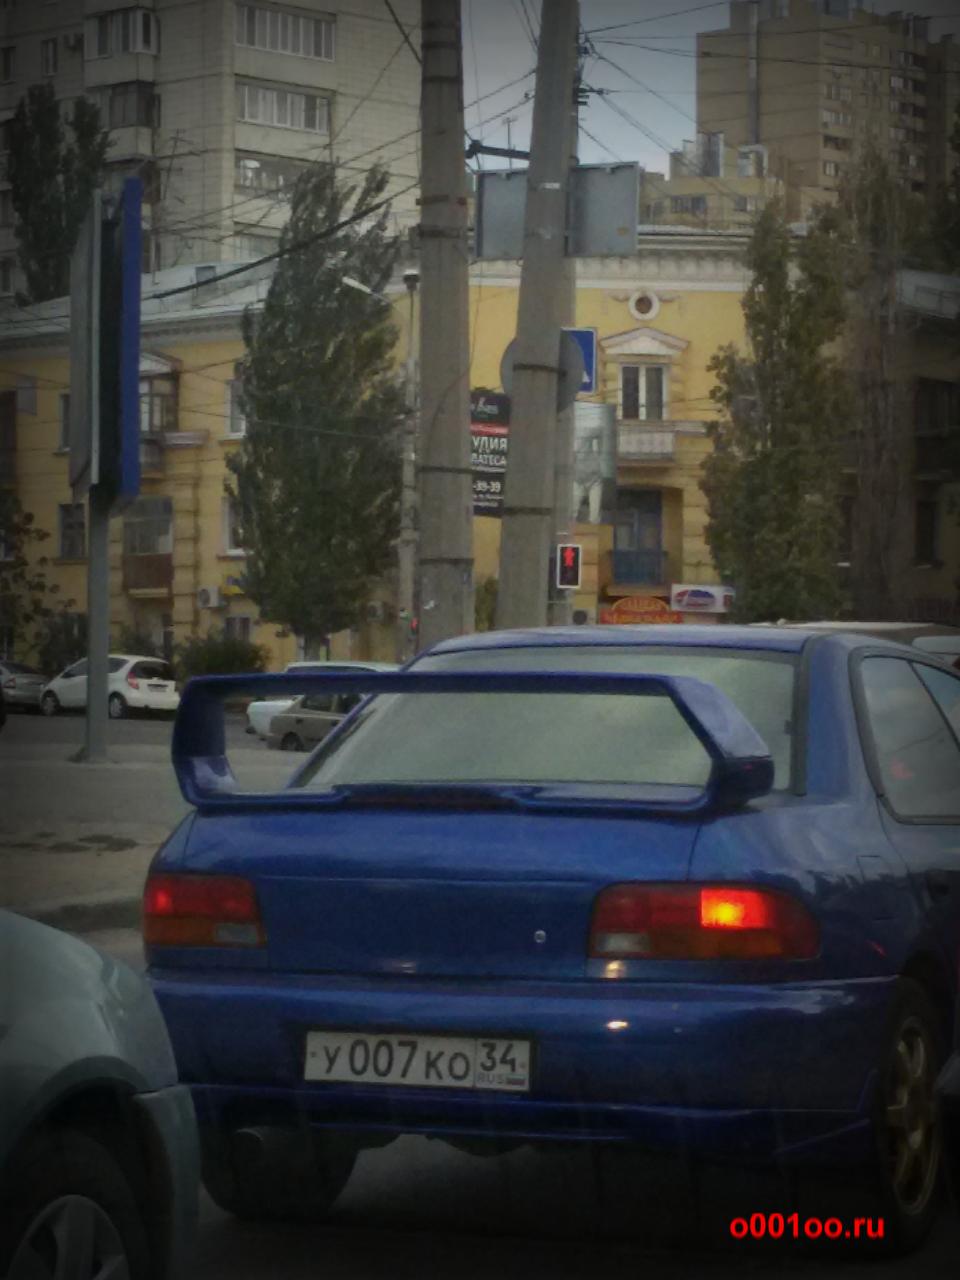 У007ко34